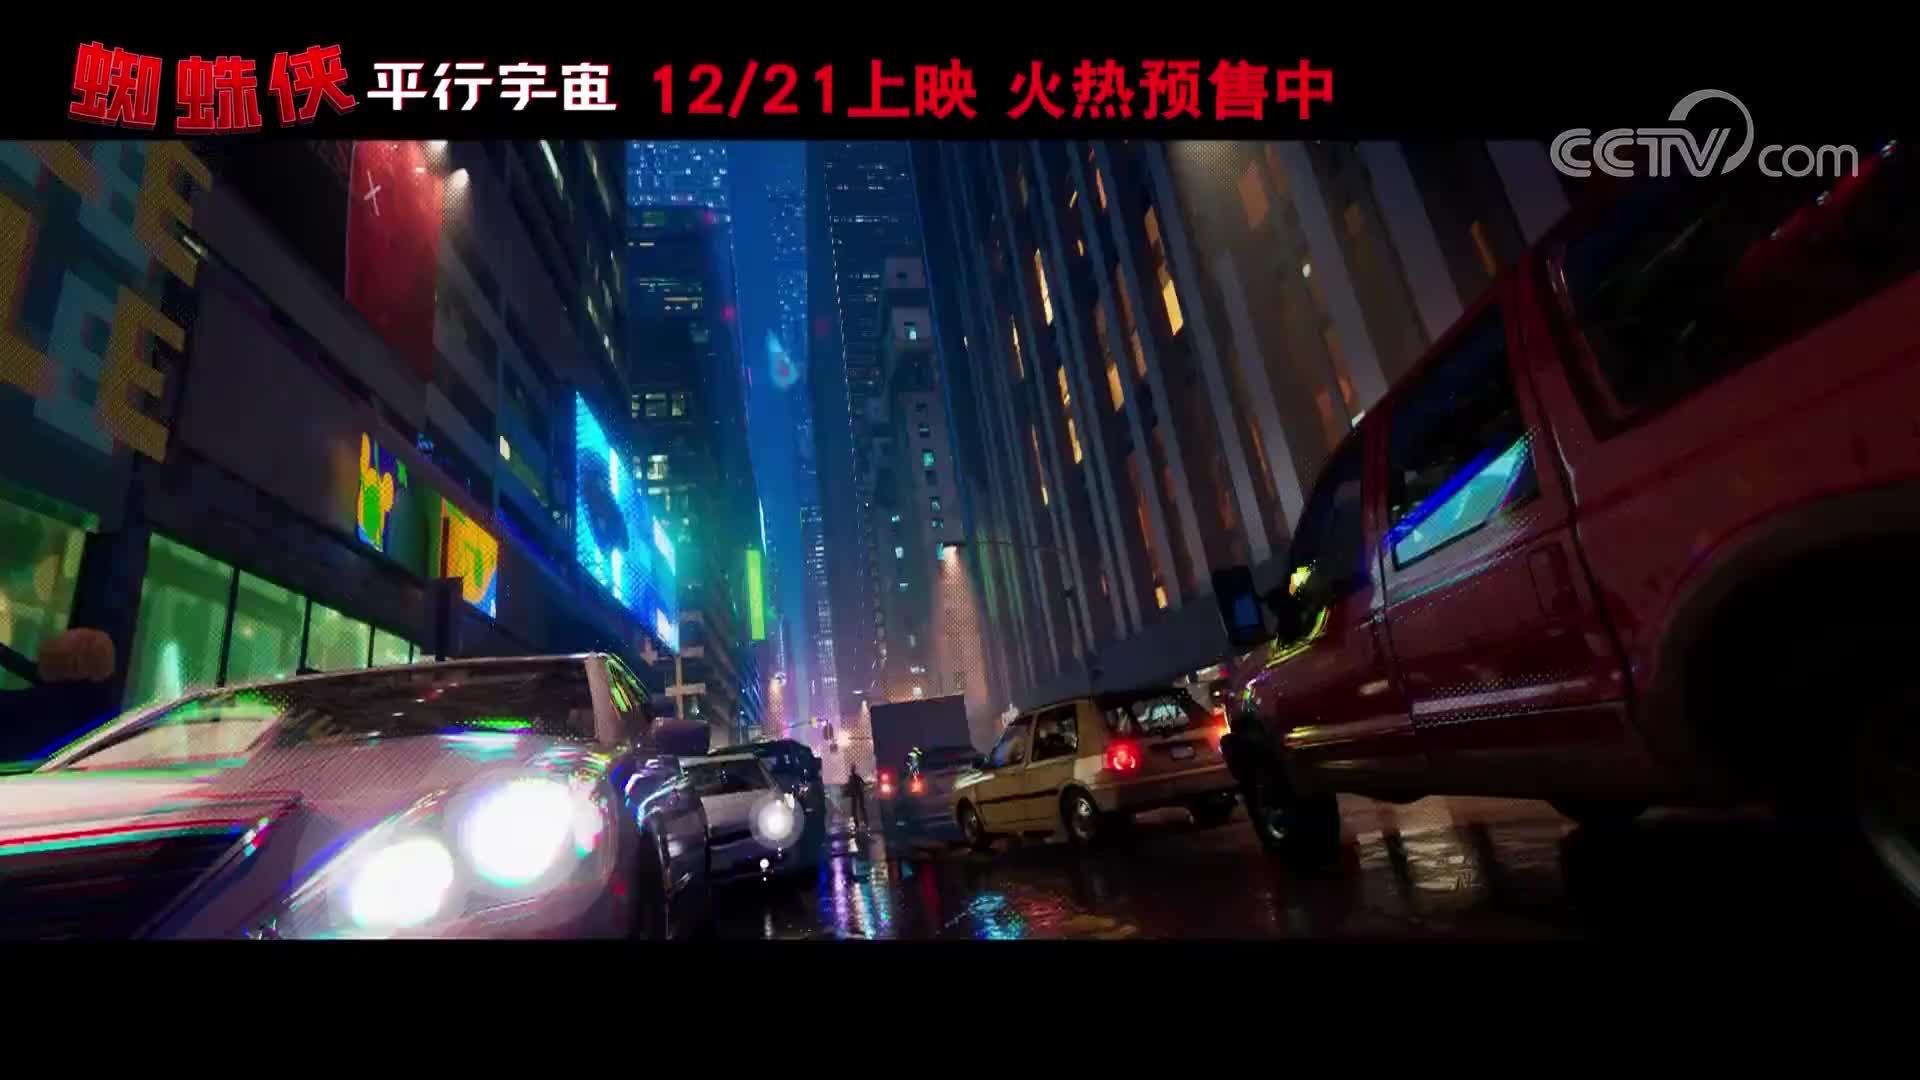 [视频]《蜘蛛侠》来了!终极预告炫酷贺岁